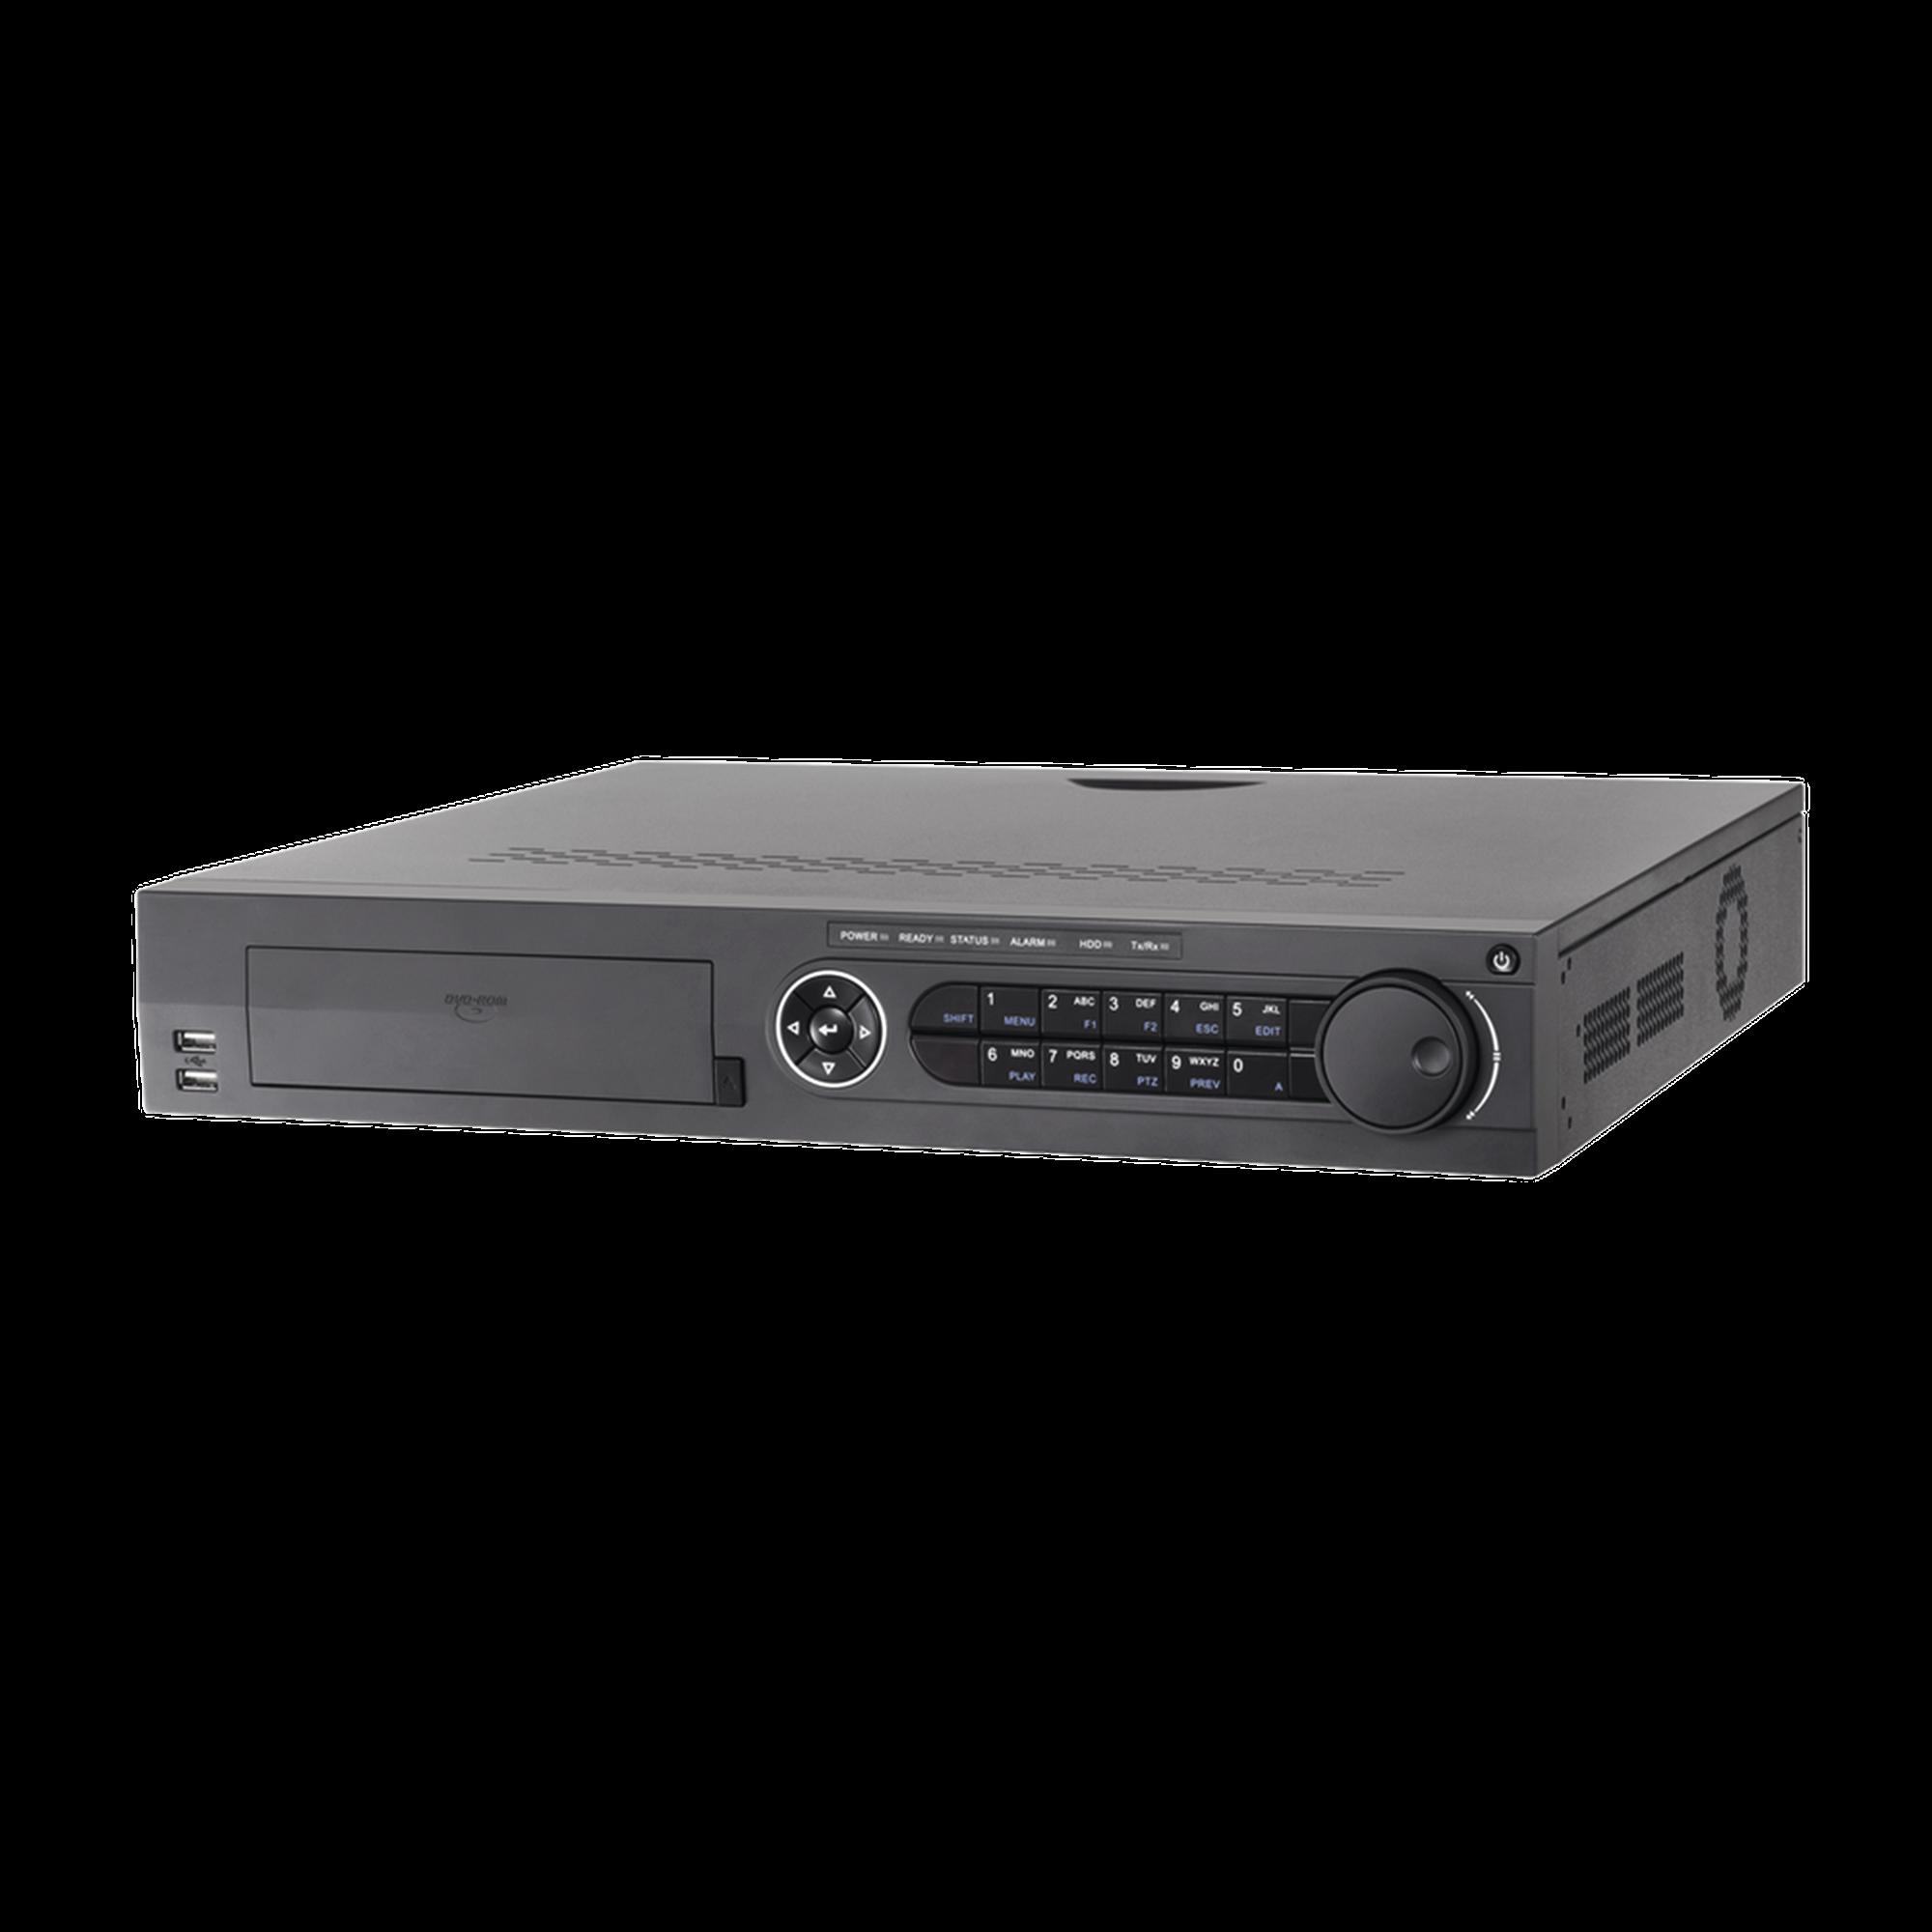 DVR 3 Megapixel / 8 Canales TURBOHD + 2 Canales IP / 4 Bahías de Disco Duro / 4 Canales de Audio / 16 Entradas de Alarma